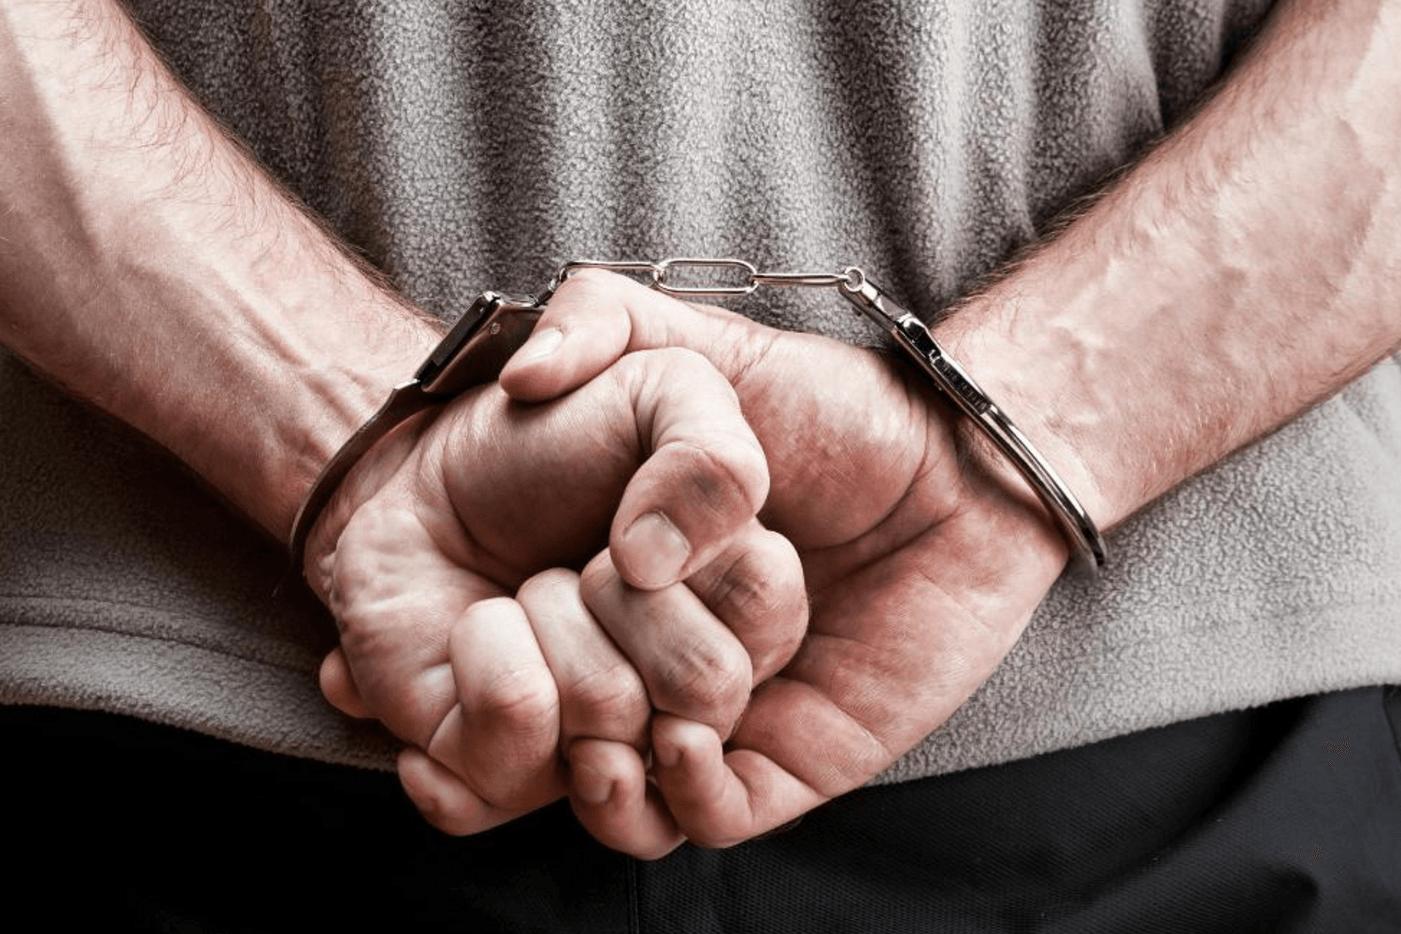 Handcuffs-2[1]